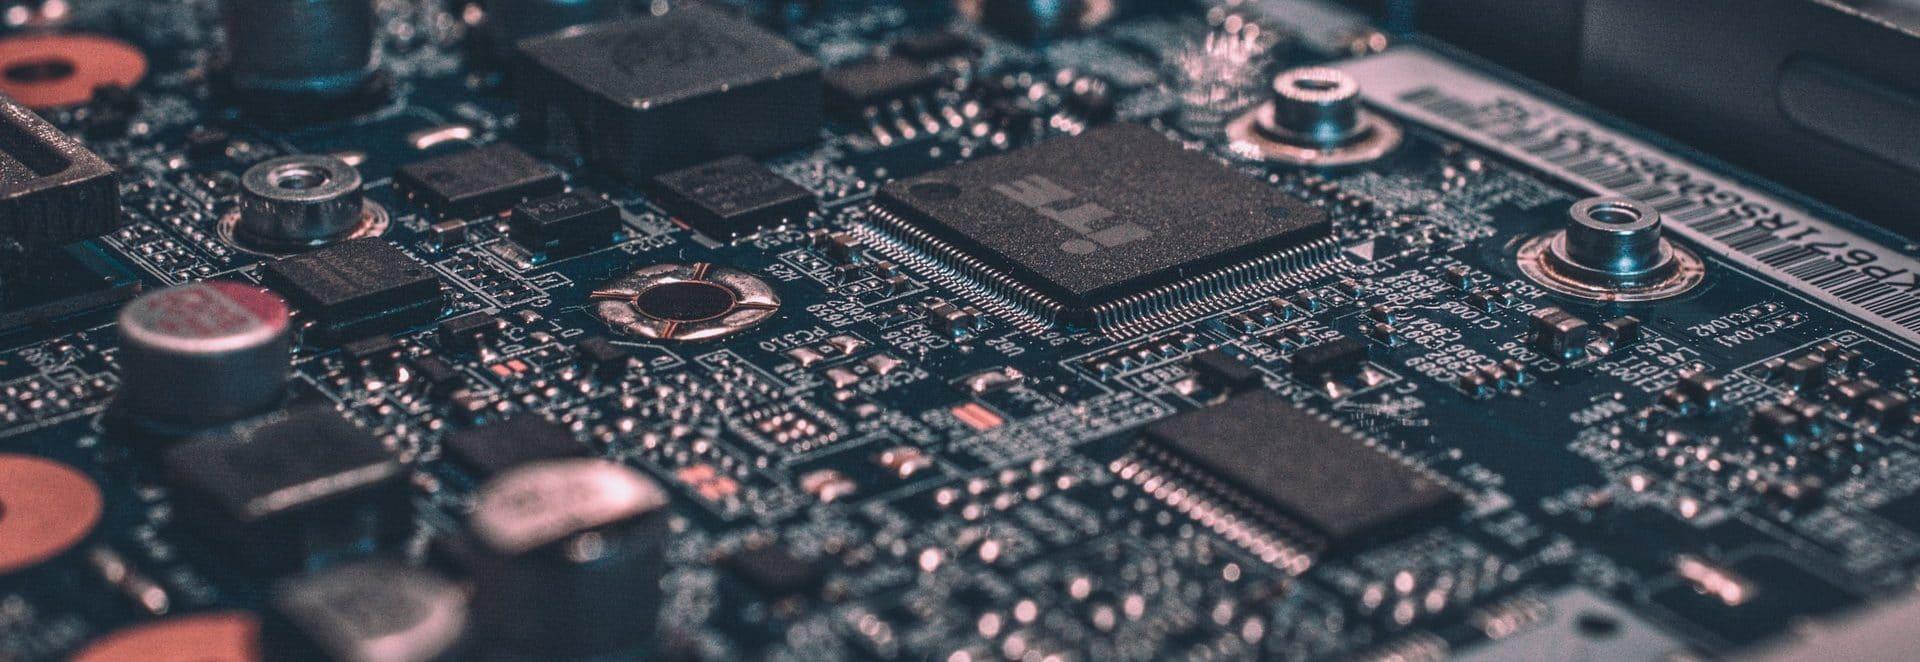 circuits-imprimés-iot